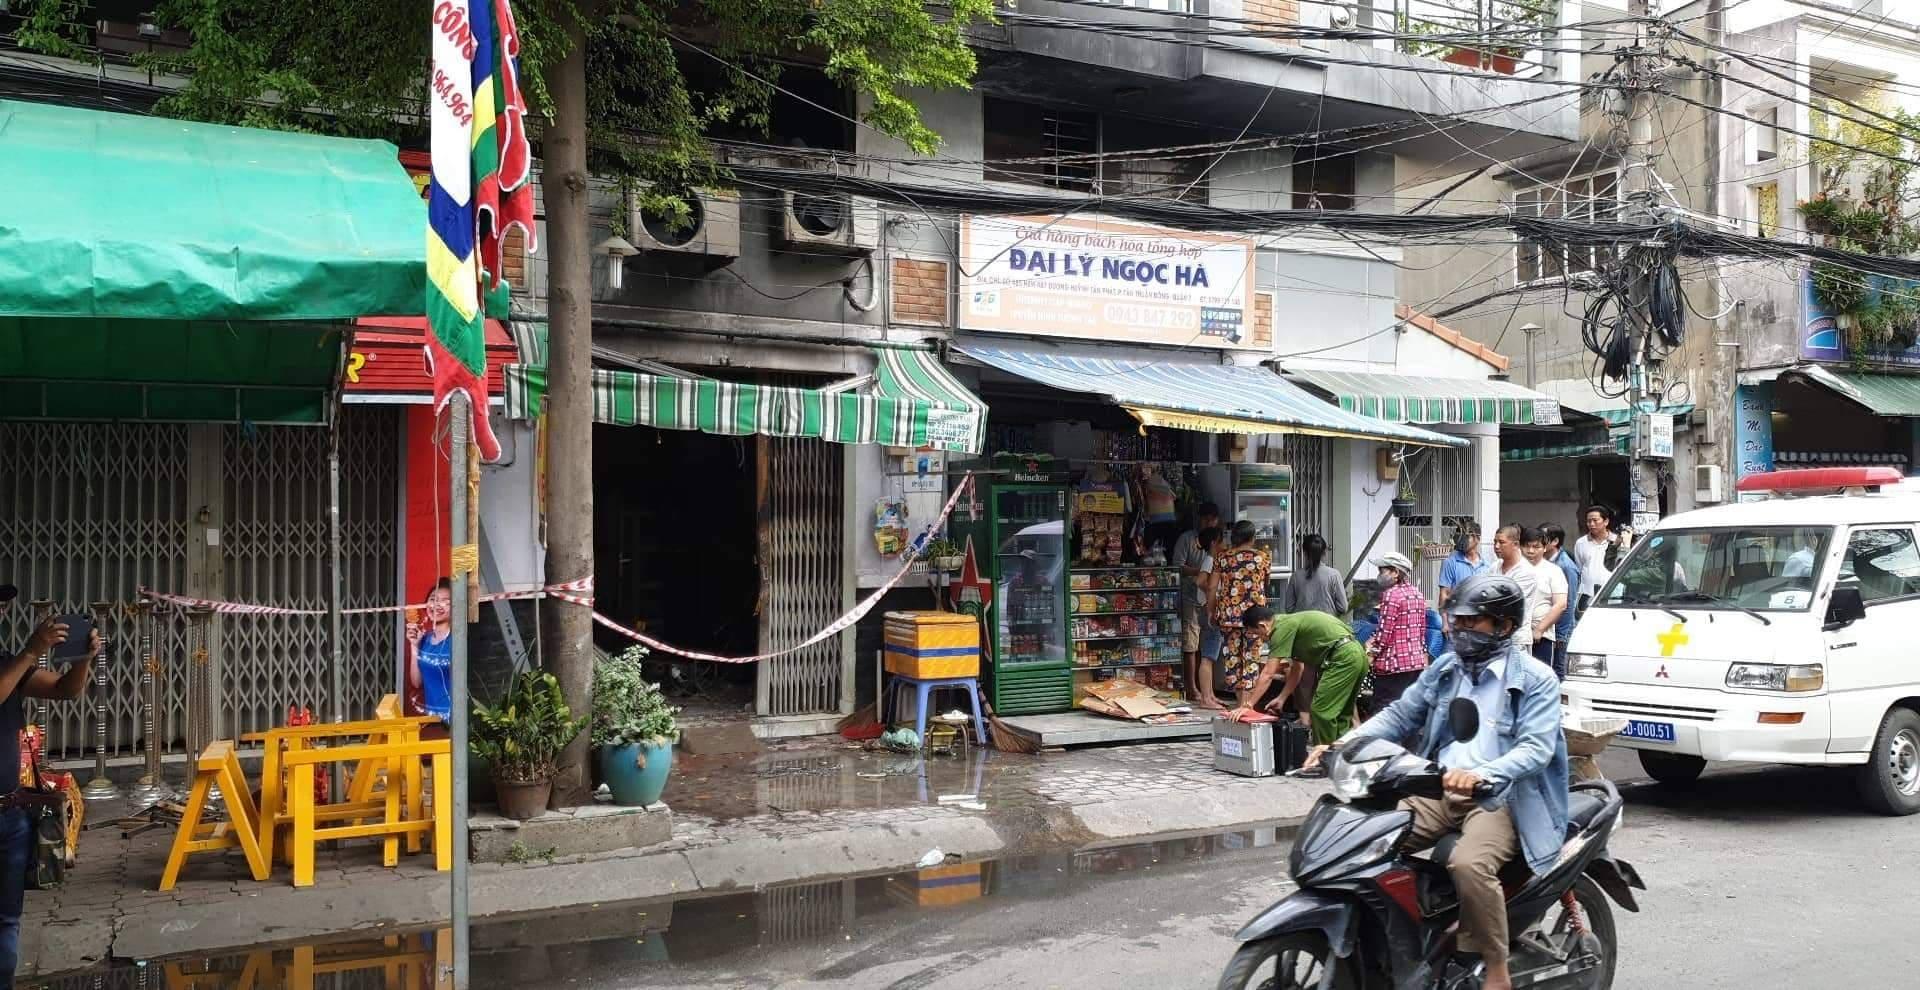 Lửa bao trùm căn nhà ở Sài Gòn lúc rạng sáng, 3 người tử vong - 1